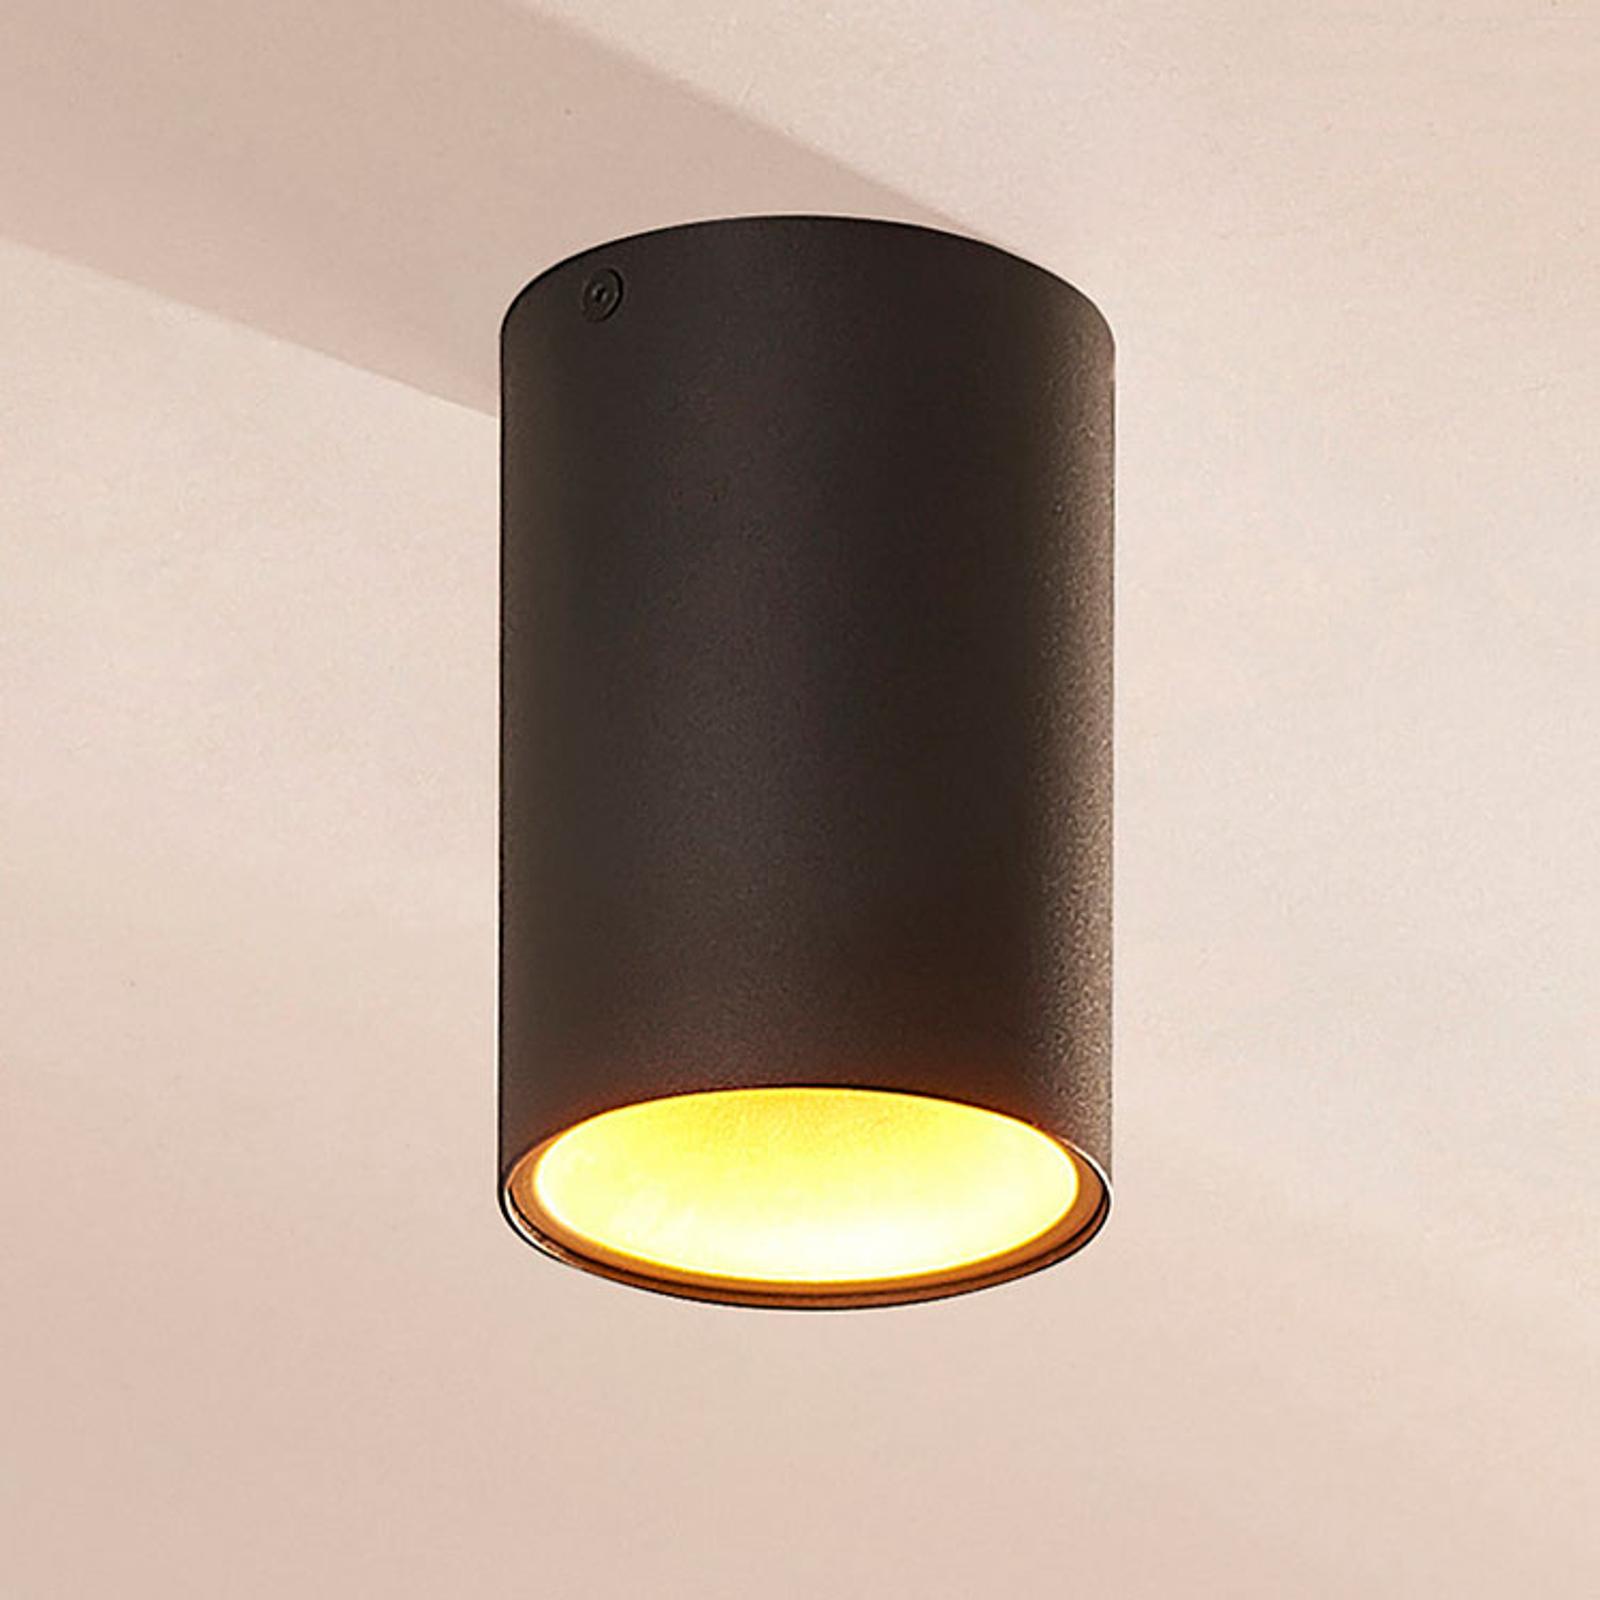 Vinja - halogentaklampe med reflektor